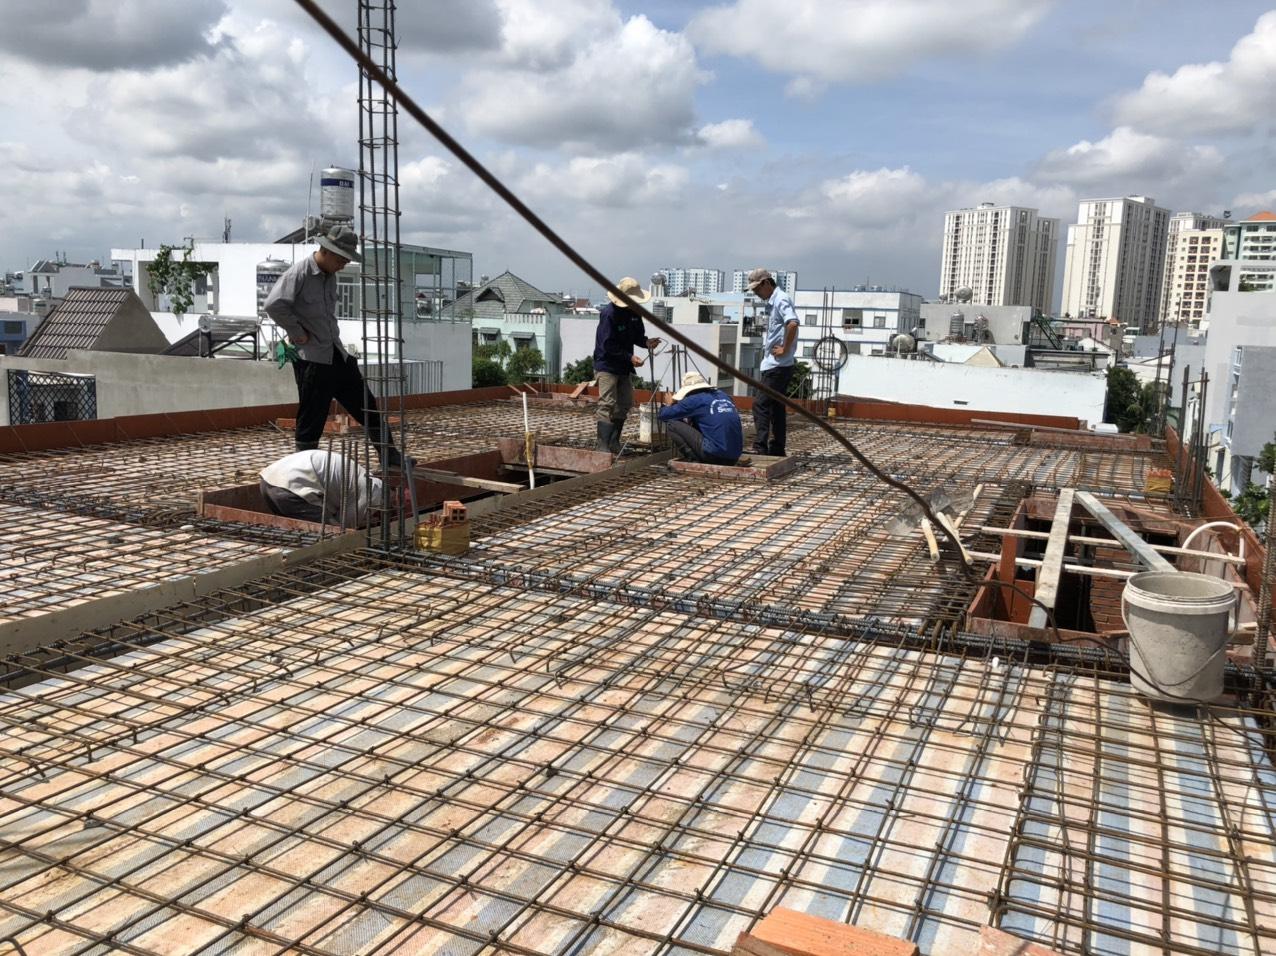 thiet-ke-nha-pho-dep-6-tang-mat-tien Chi phí xây nhà 6 tầng